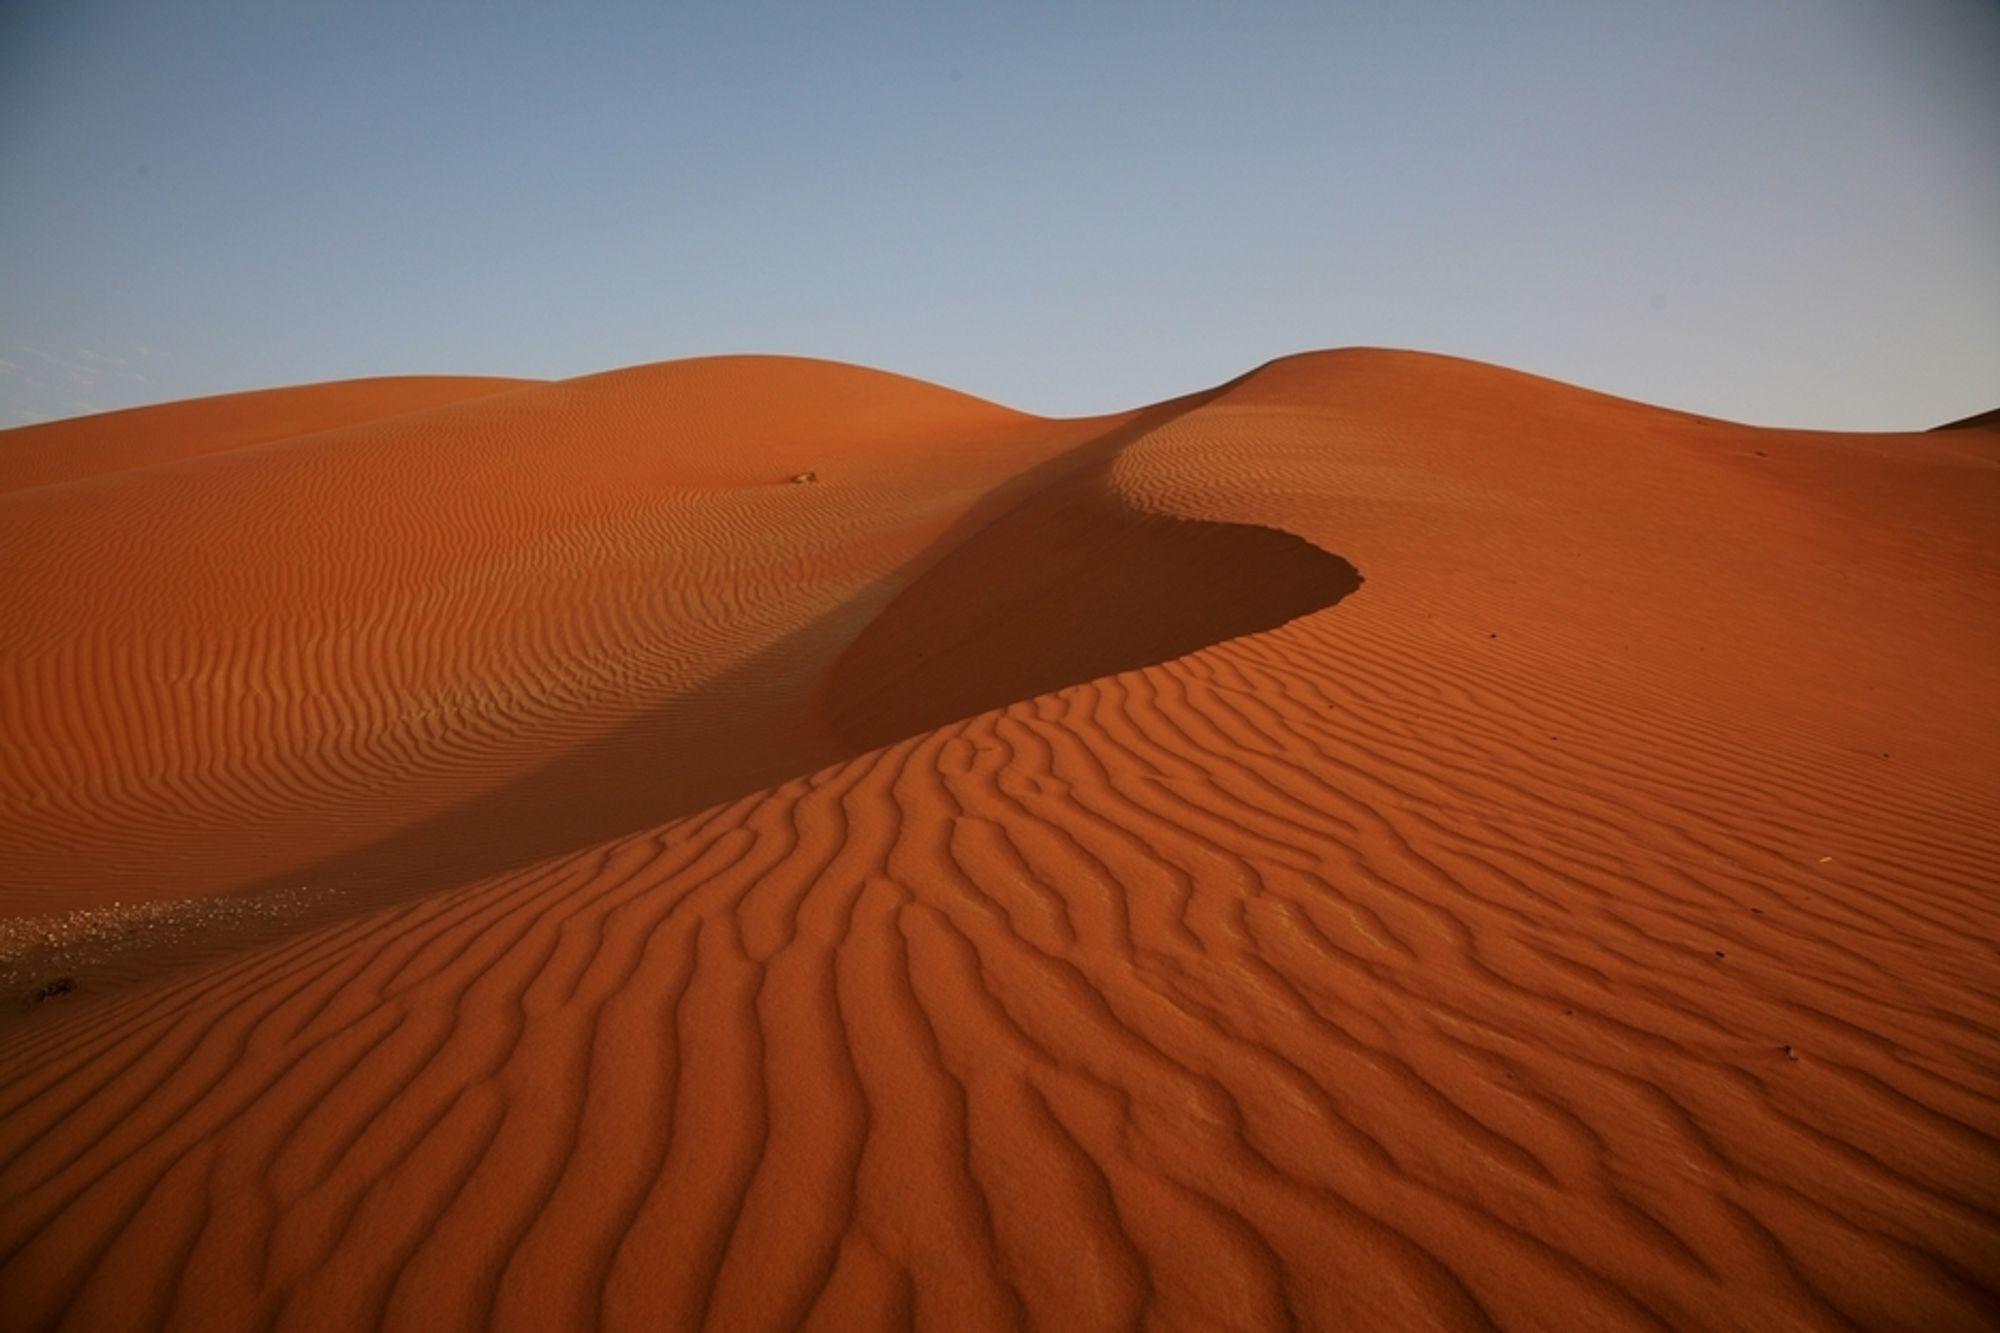 MANGLER ENERGI: Trøbbel i Nord-Afrika og Midtøsten gir utfordringer for mange land. Hele 122 land har nå høy risiko for energimangel, ifølge risikoanalytikerne i selskapet Maplecroft. Bildet er fra den saudiske ørkenen, hvor en stor andel av verdens oljeproduksjon skjer.